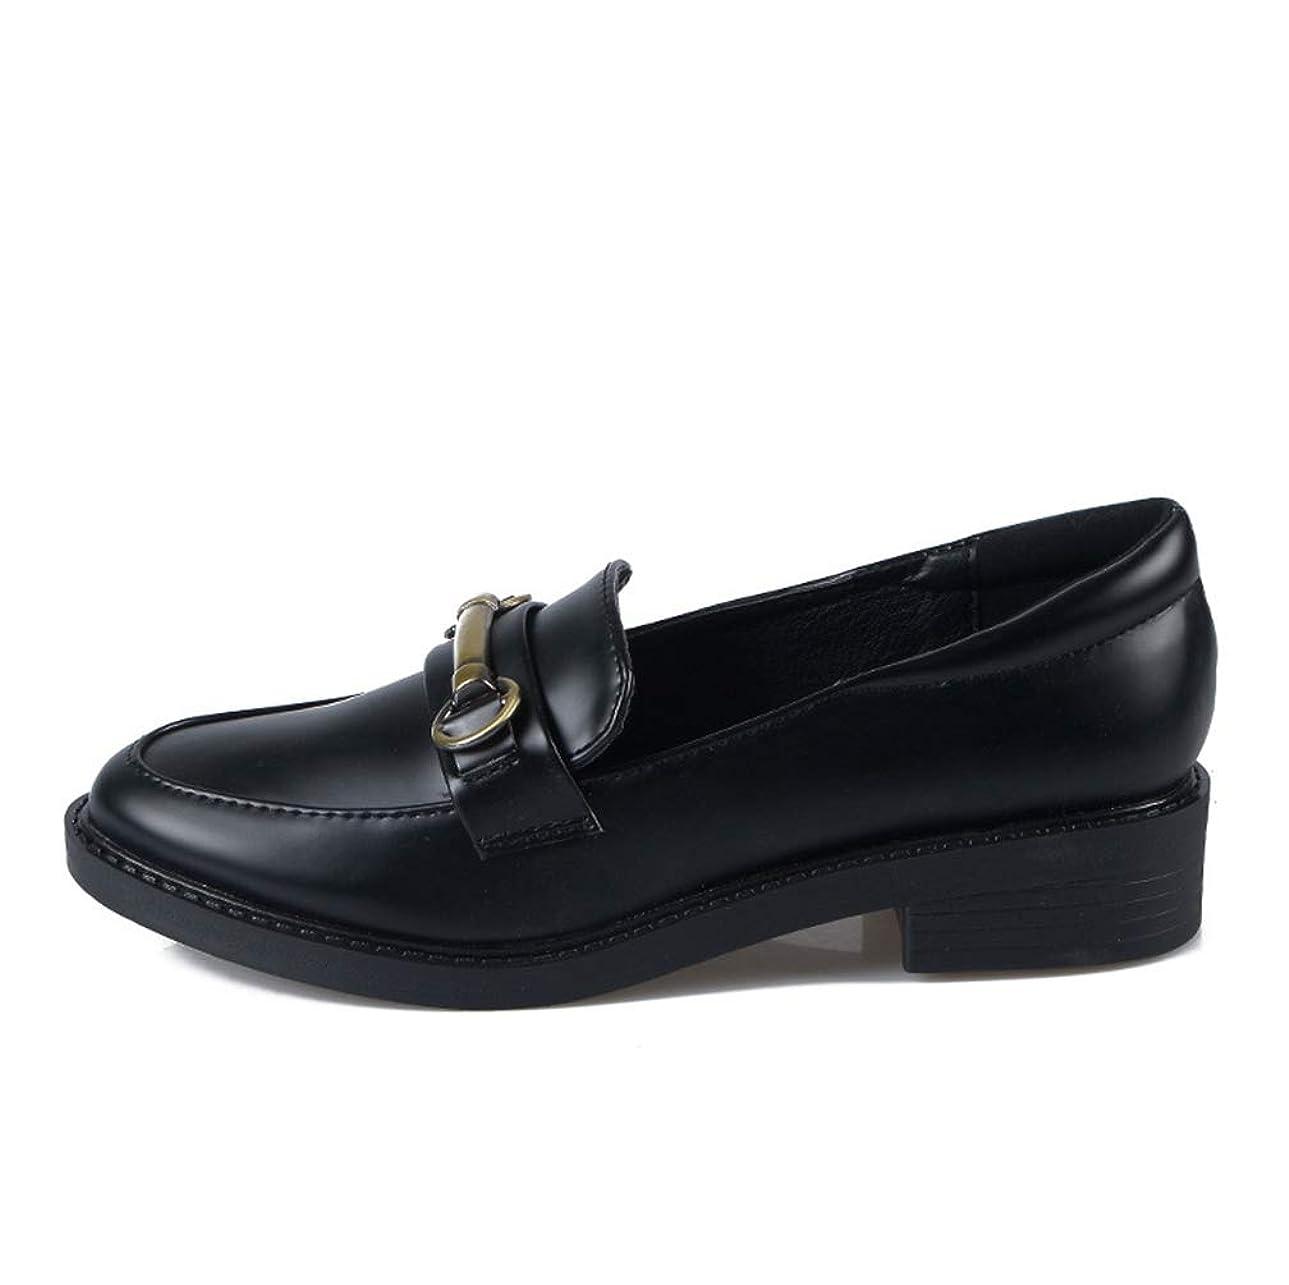 ターミナル力学あなたは[THLD] ローファー パンプス ローヒール ビット付 25cm ママ ペタンコ 靴 レディース靴 ぺたんこパンプス 3.5cm ラウンドトゥ フラットシューズ エナメル シンプル ローファー 黒 秋 ブラック ローヒール 卒業式 入学式 コスプレ